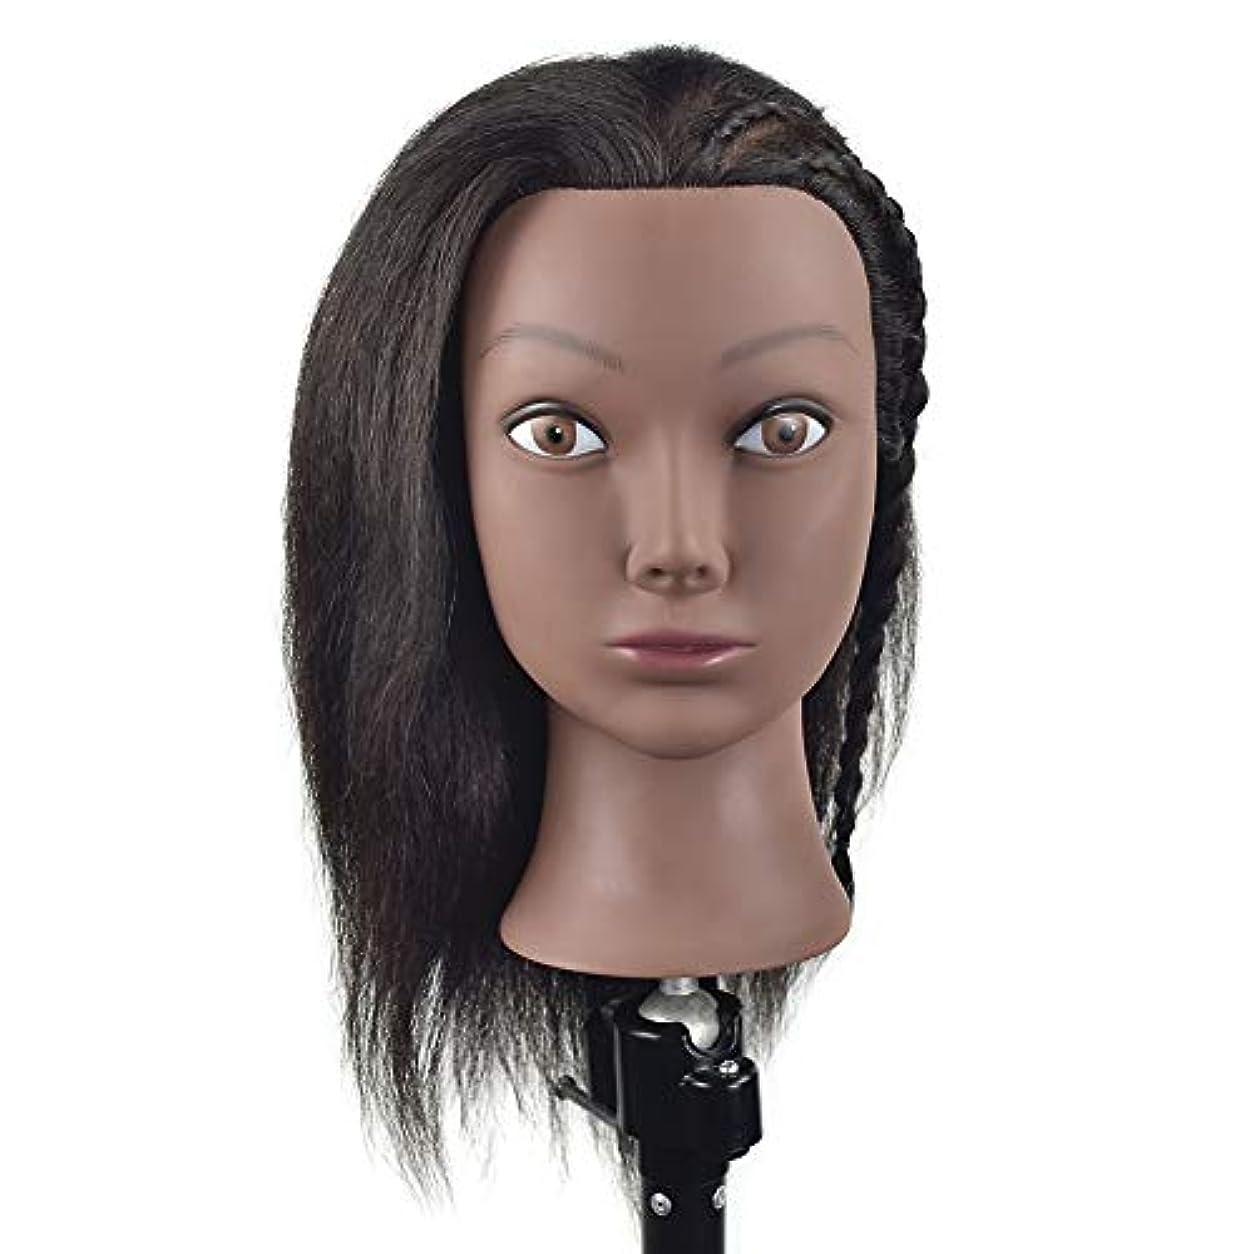 ラボリゾートステージトレーニングヘッドかつらヘッドの型のヘアカットの編みのスタイリングマネキンヘッド理髪店練習指導ダミーヘッド